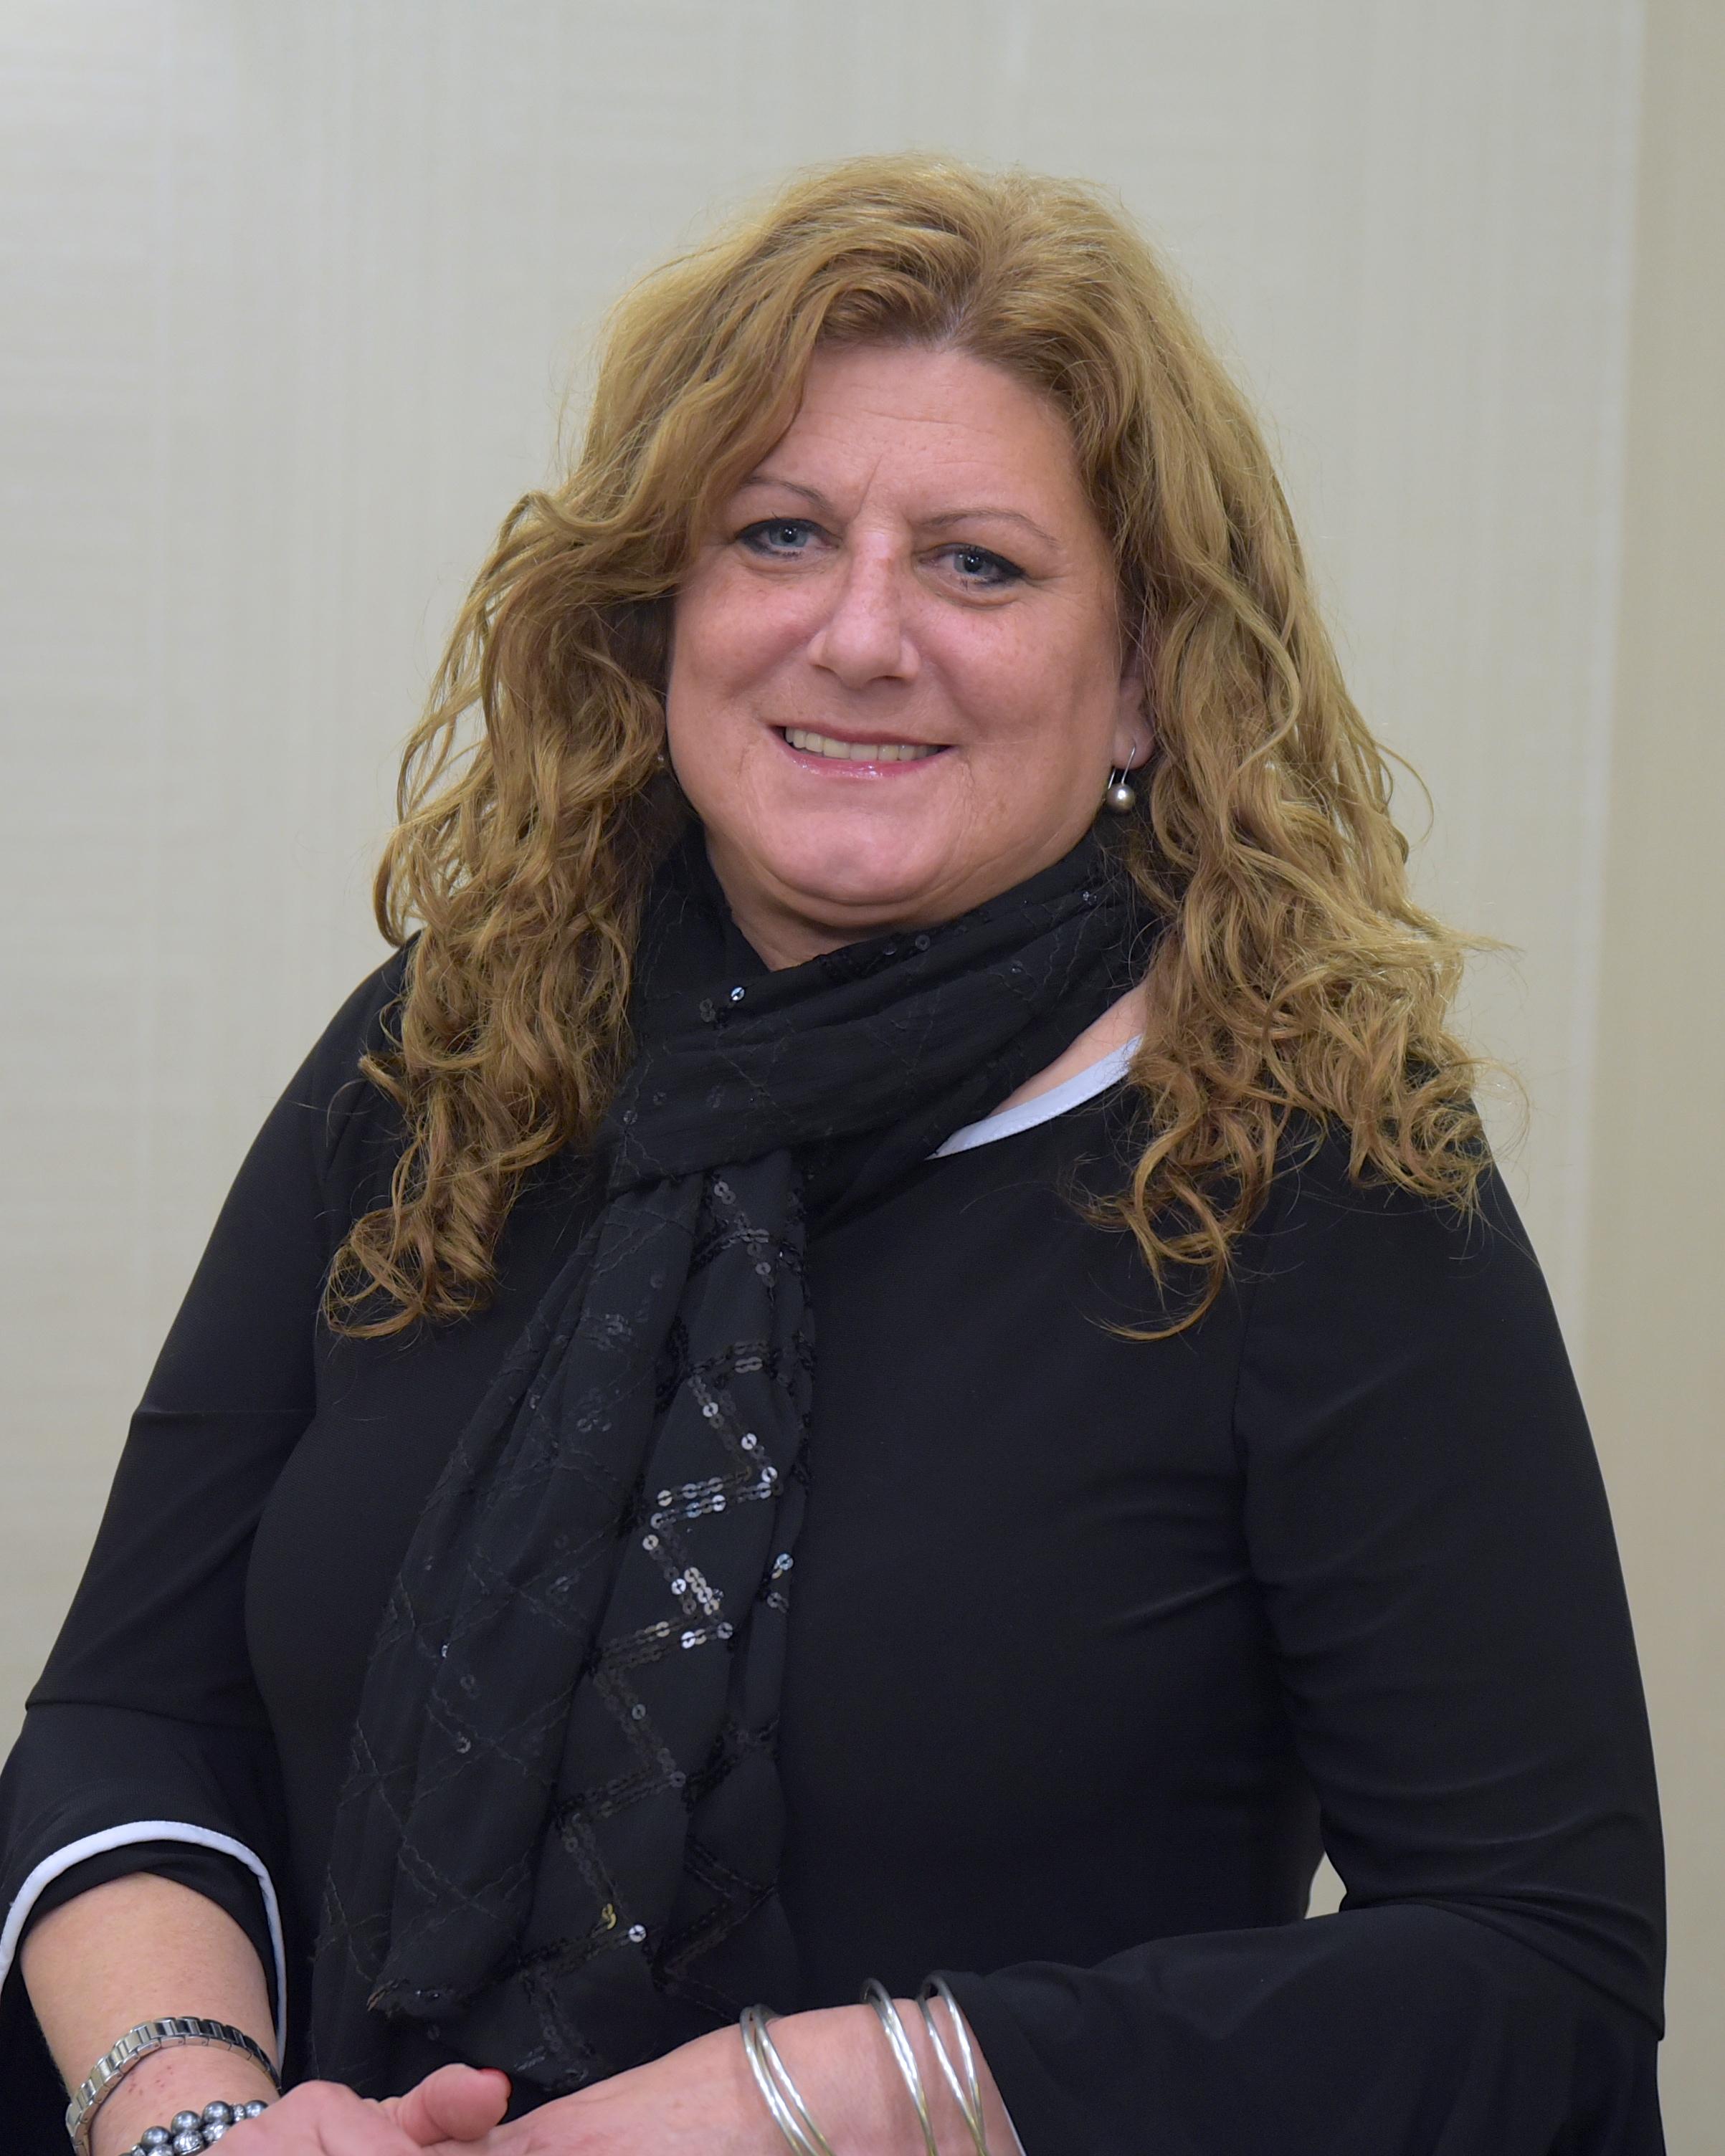 Kari Roosa